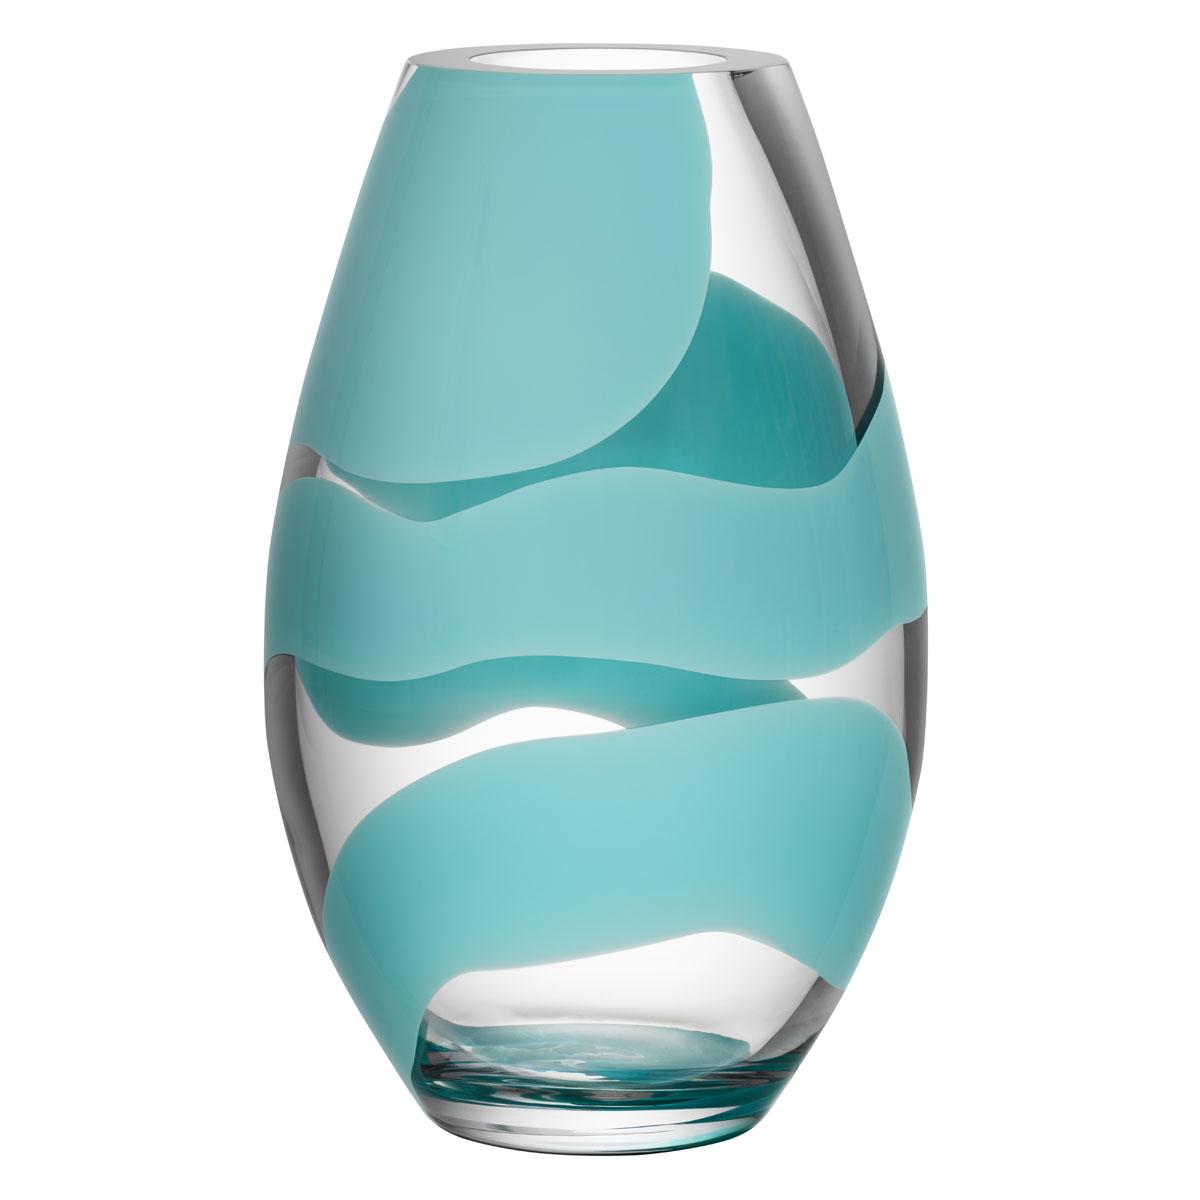 Kosta Boda Non Stop Turquoise Vase